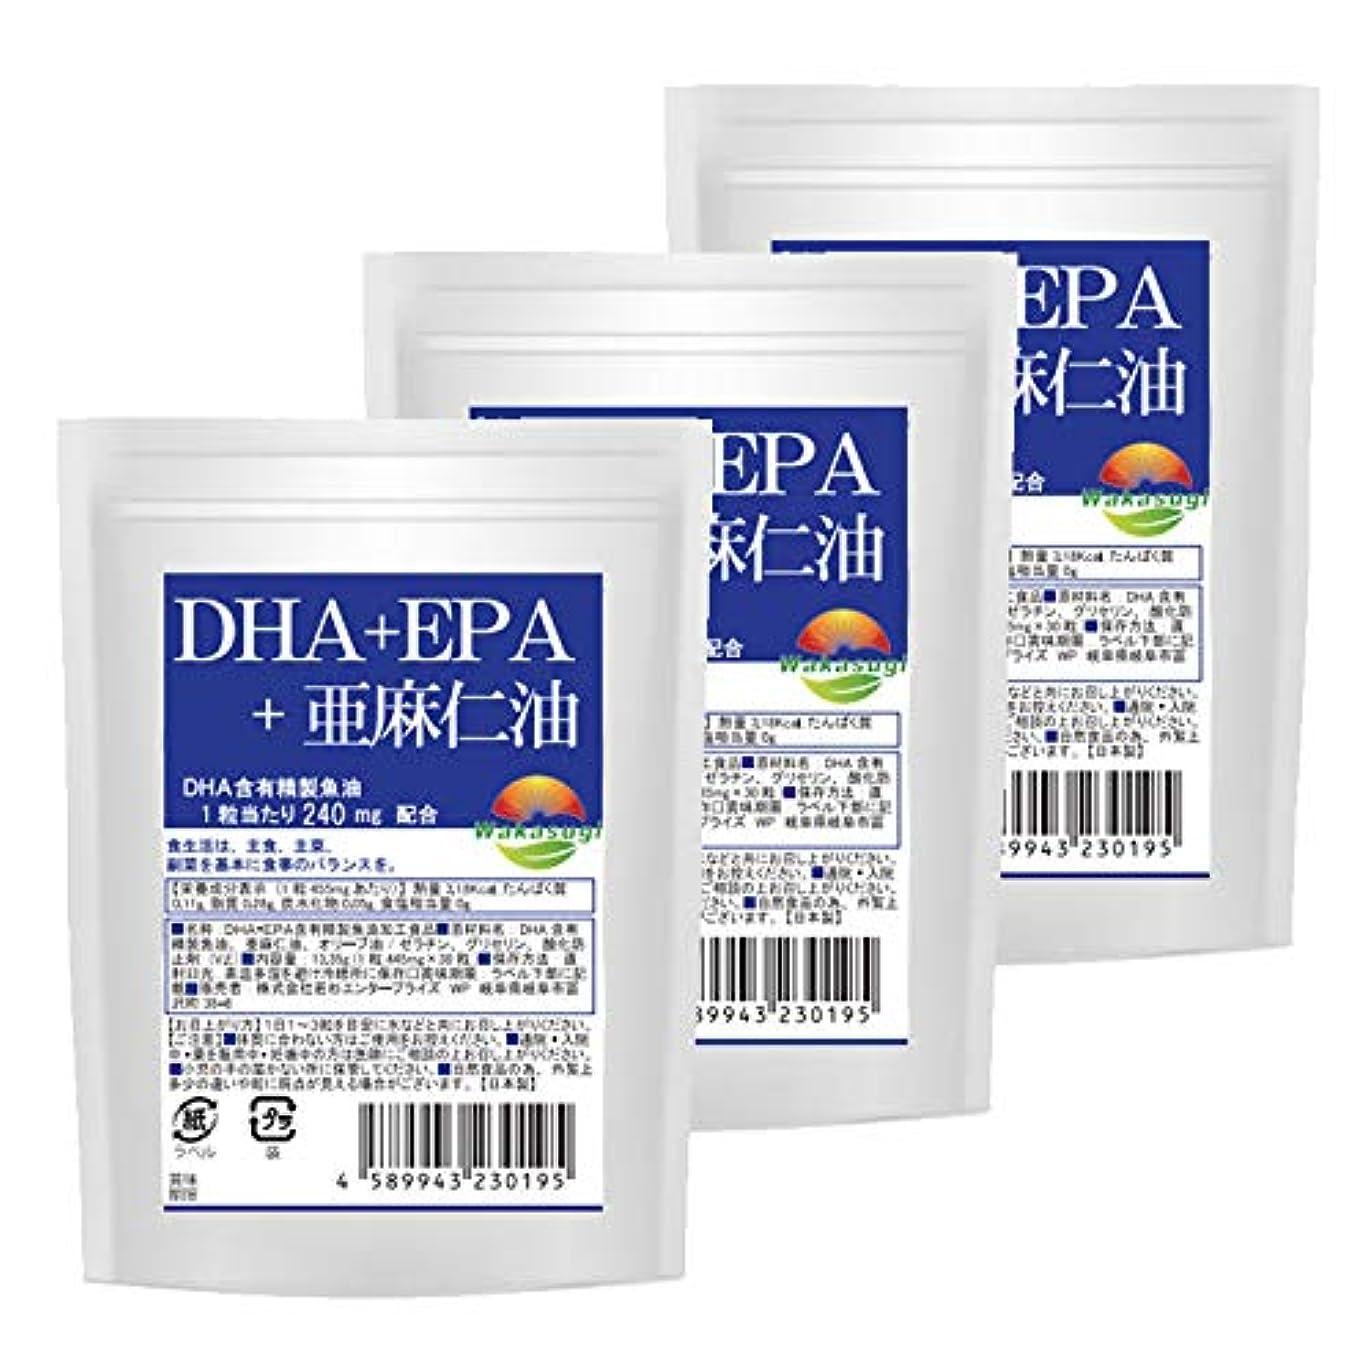 めまい定期的希望に満ちたDHA+EPA+亜麻仁油 30粒 3袋 セット 計90粒 最大3か月分 ソフトカプセルタイプ